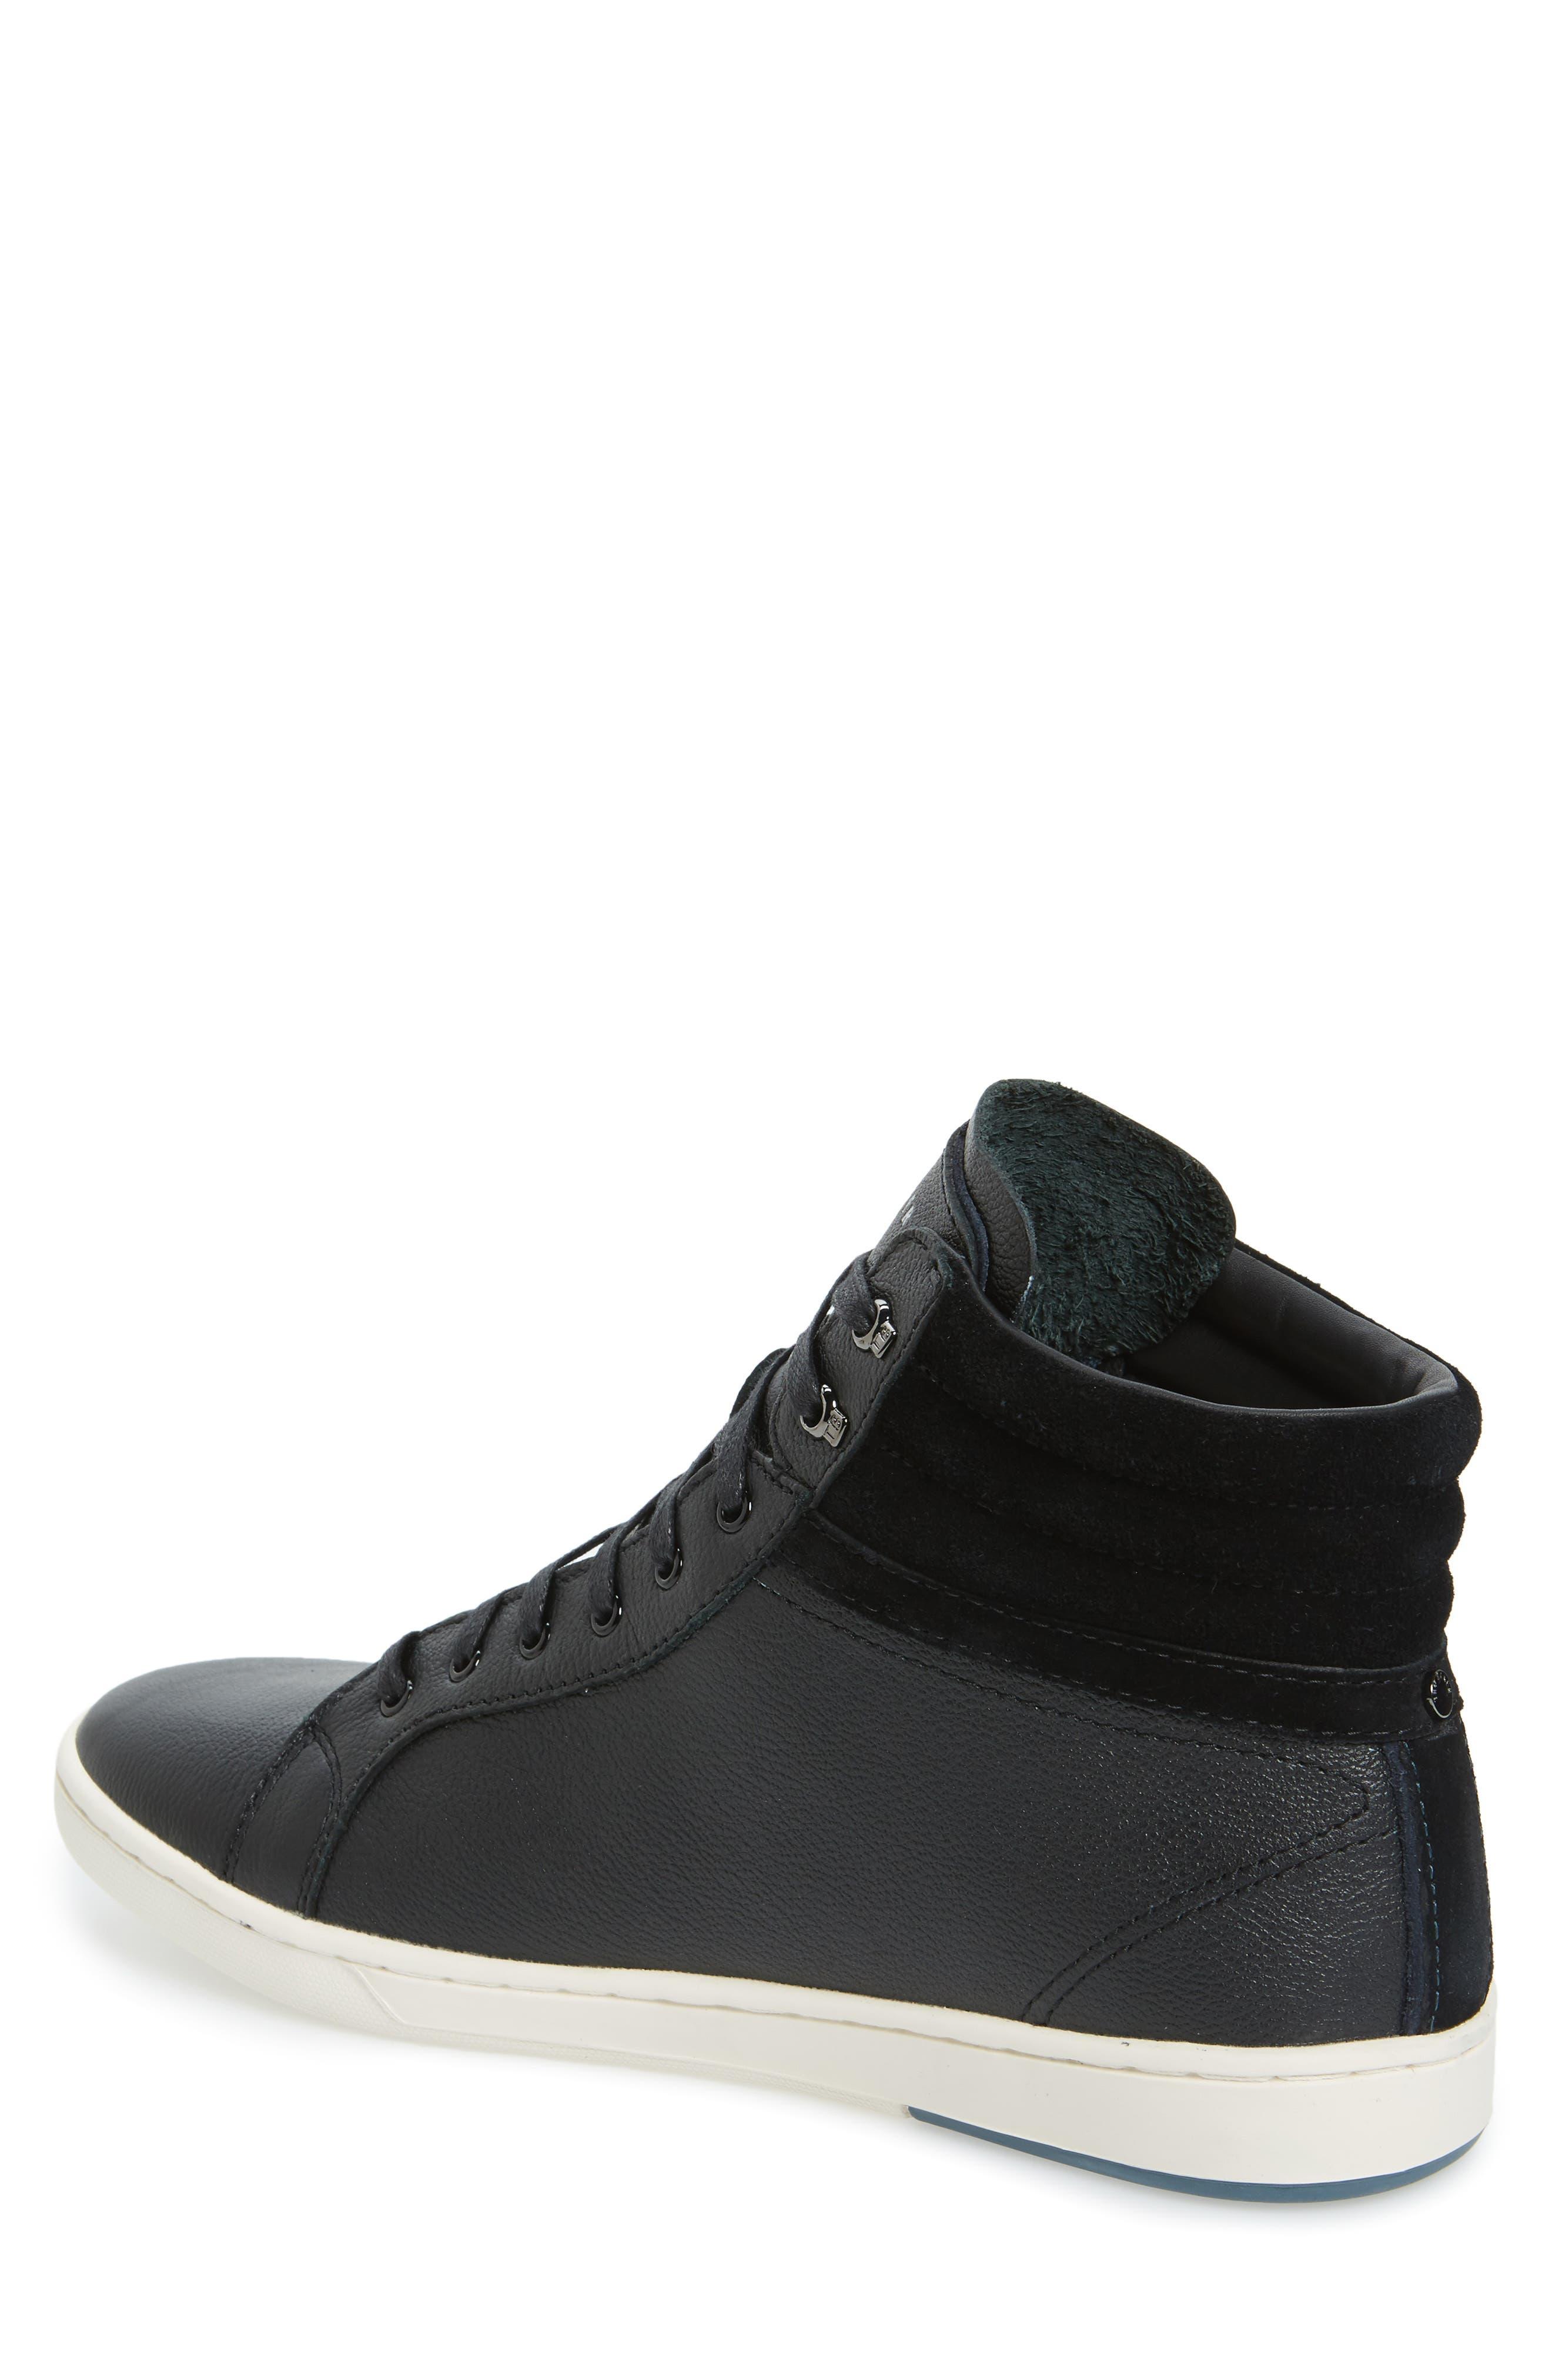 Mykka Sneaker,                             Alternate thumbnail 3, color,